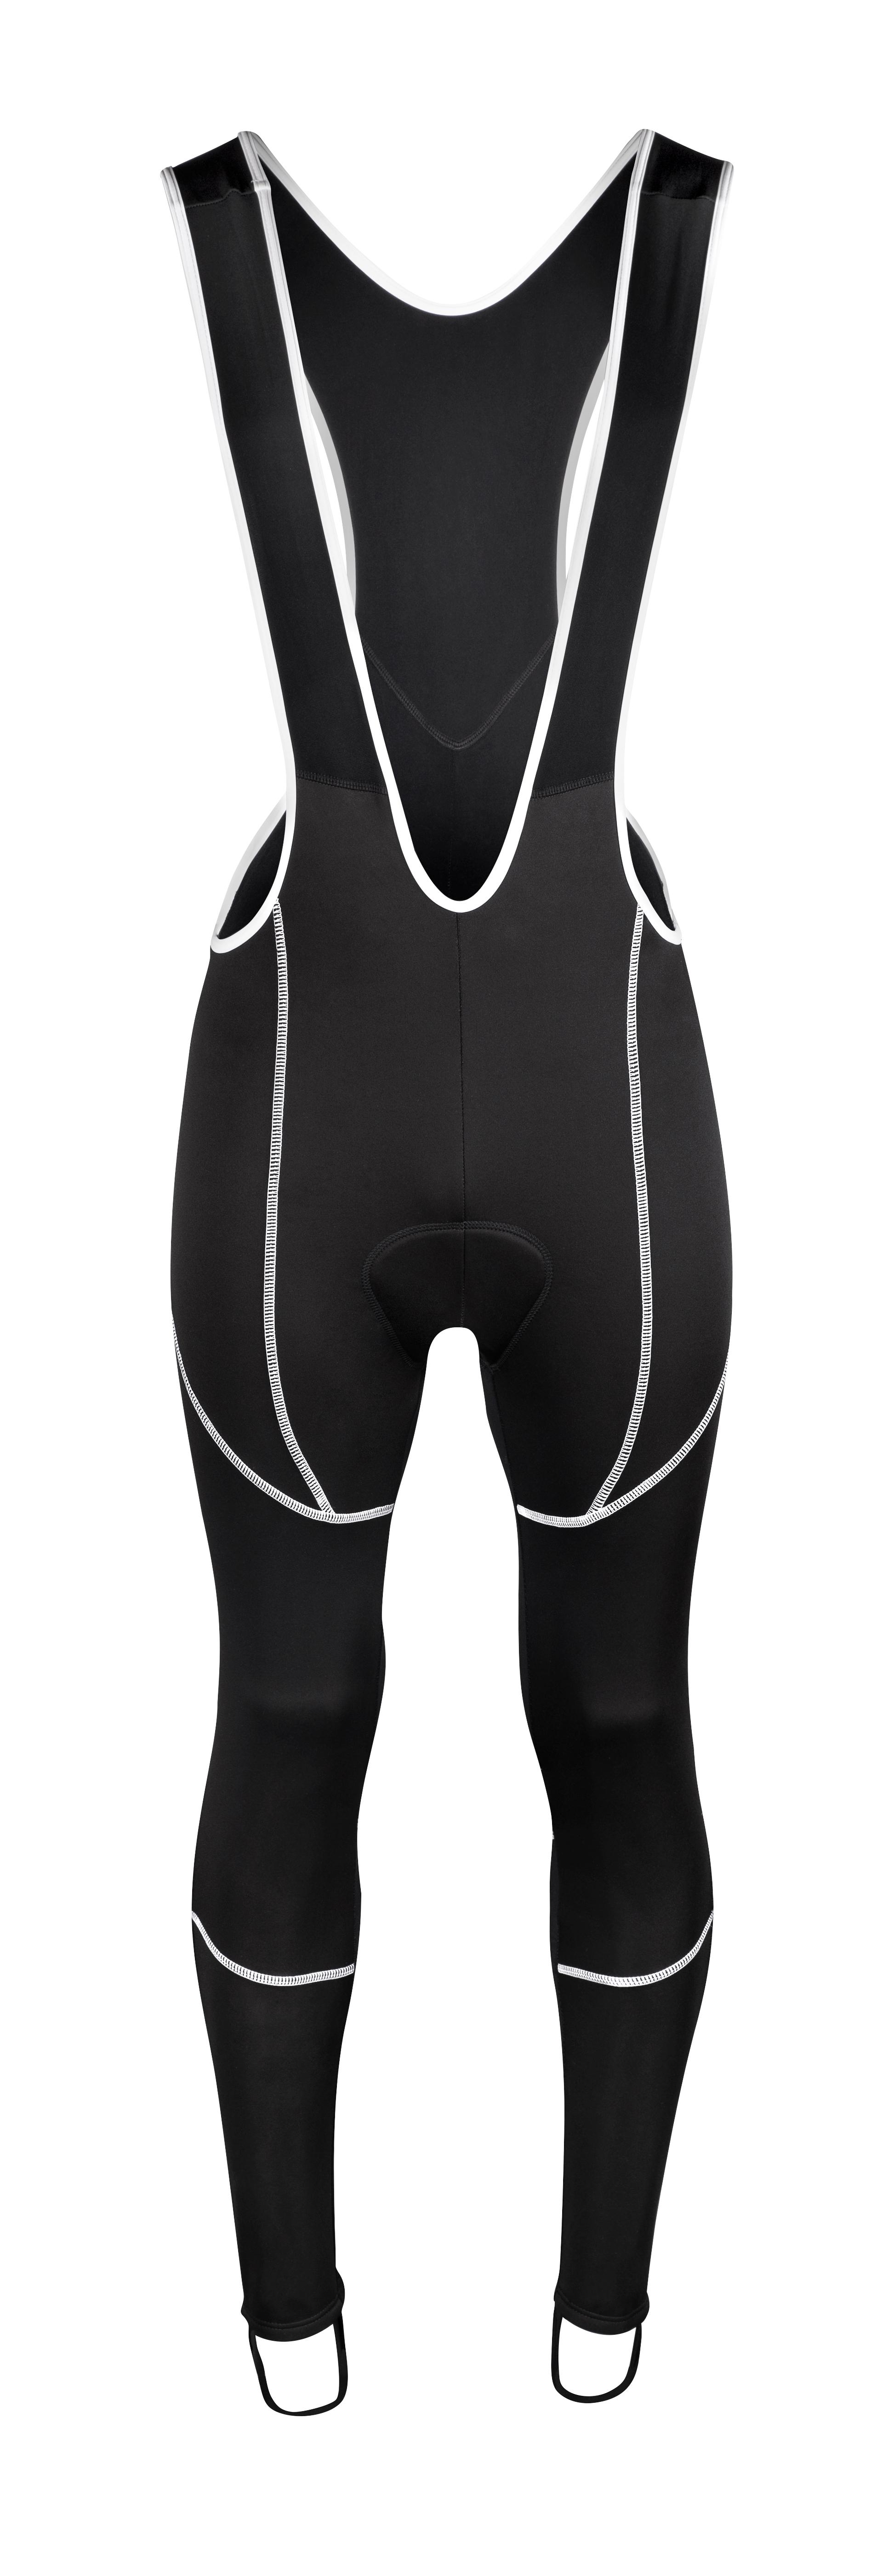 kalhoty FORCE Z70 se šráky s vložkou, černé XL